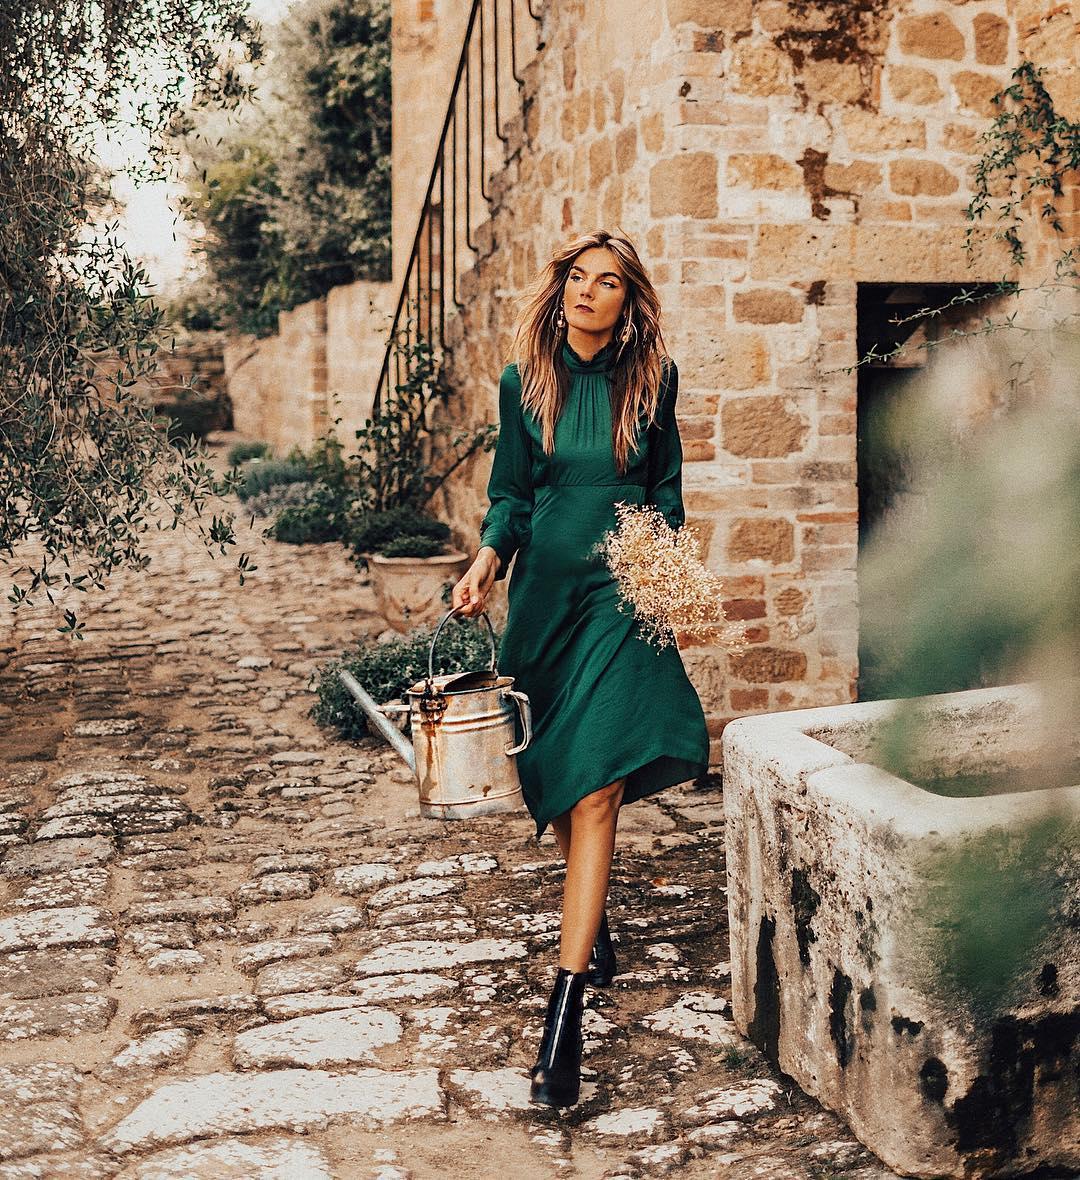 Модная путешественница: 13 ярких образов от фэшн-блогера Тессы Бартон